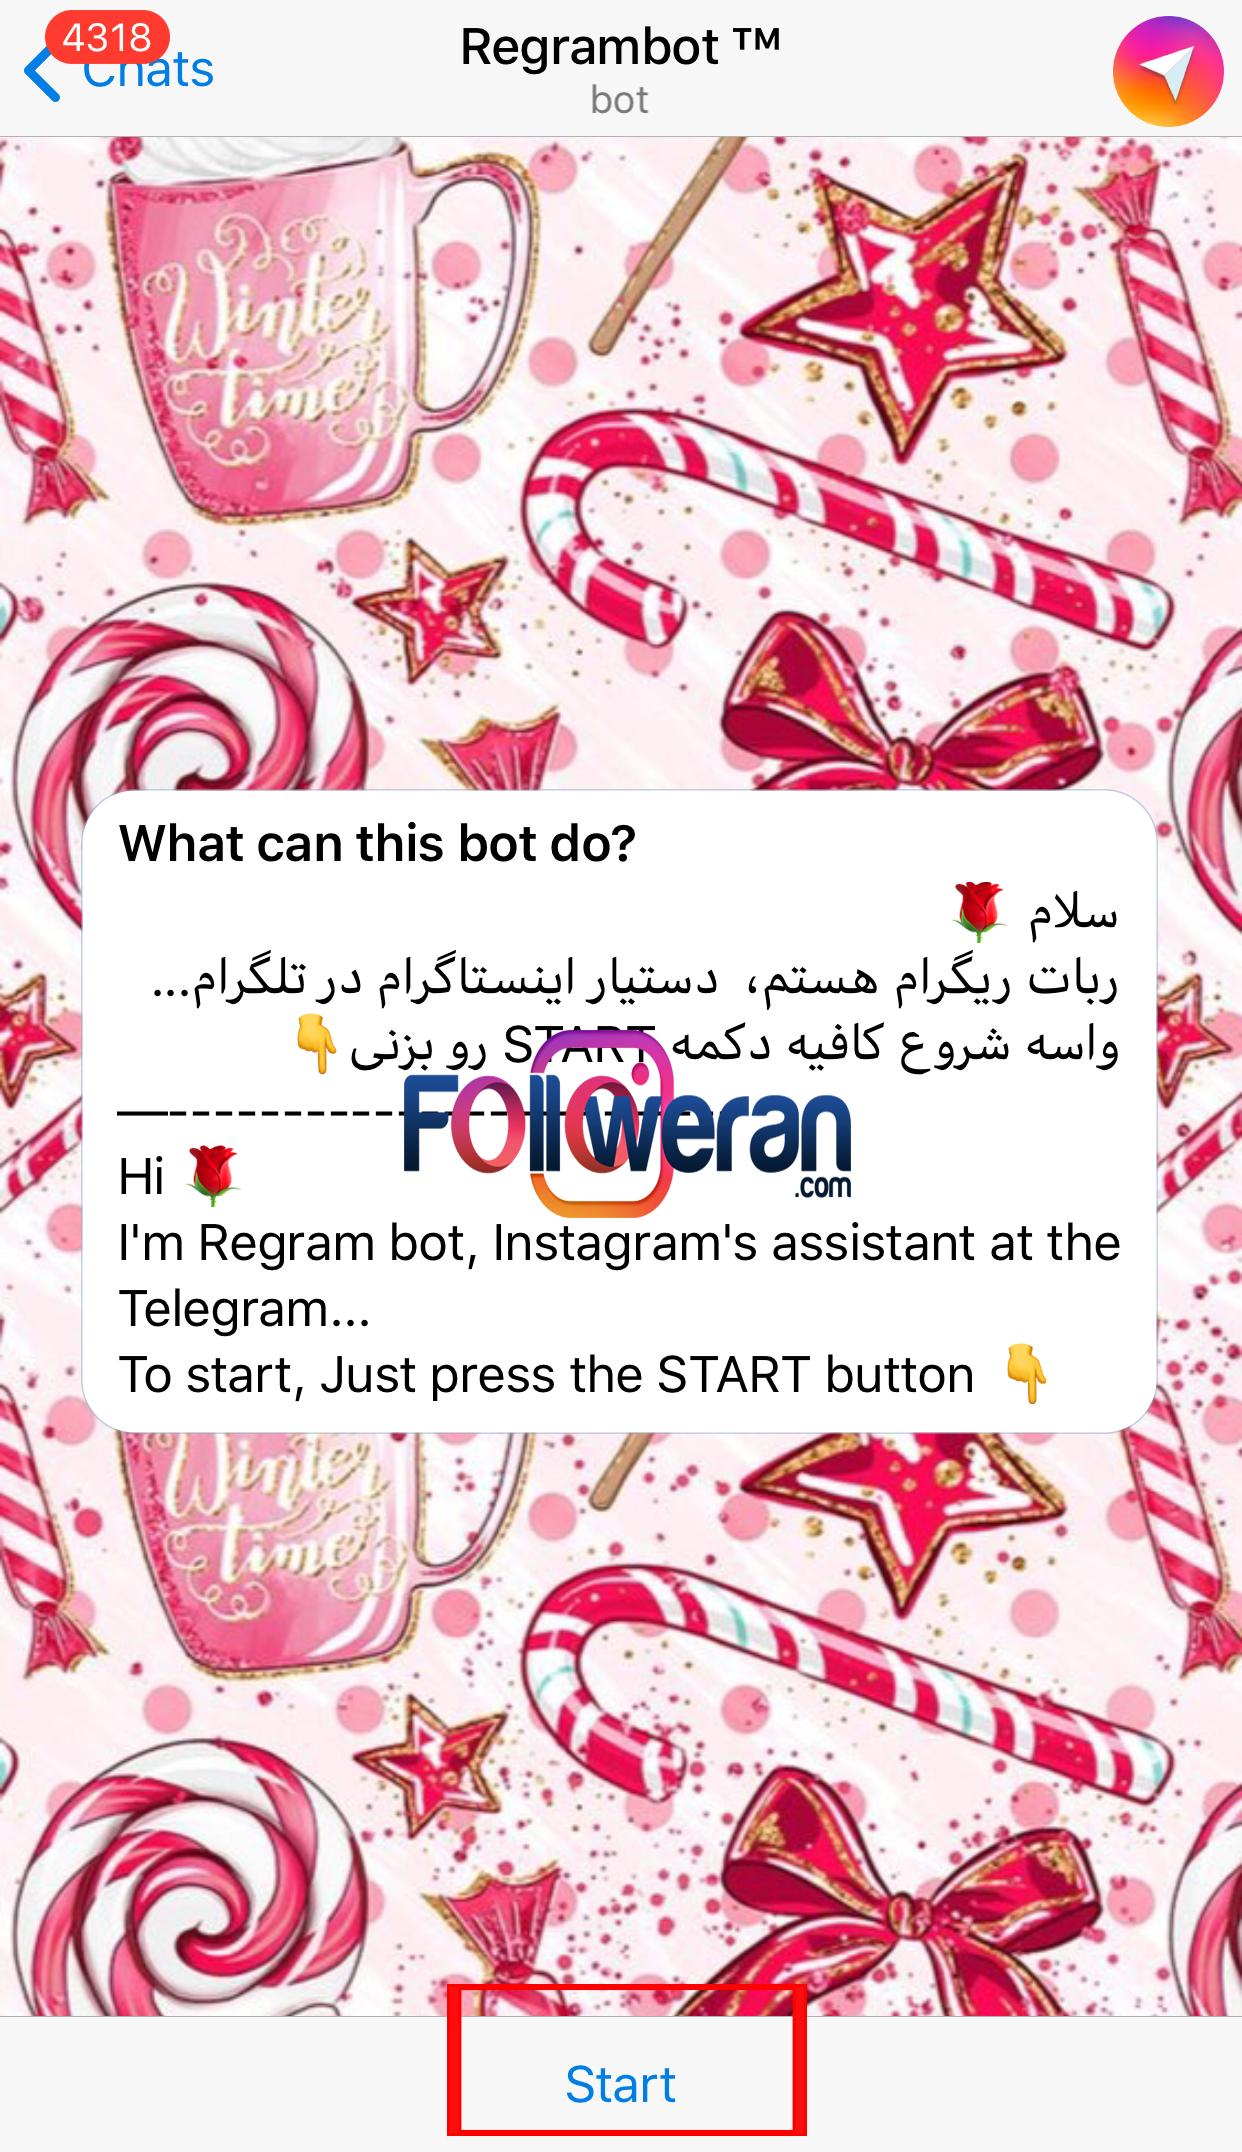 دانلود عکس اینستاگرام با ربات ری گرام